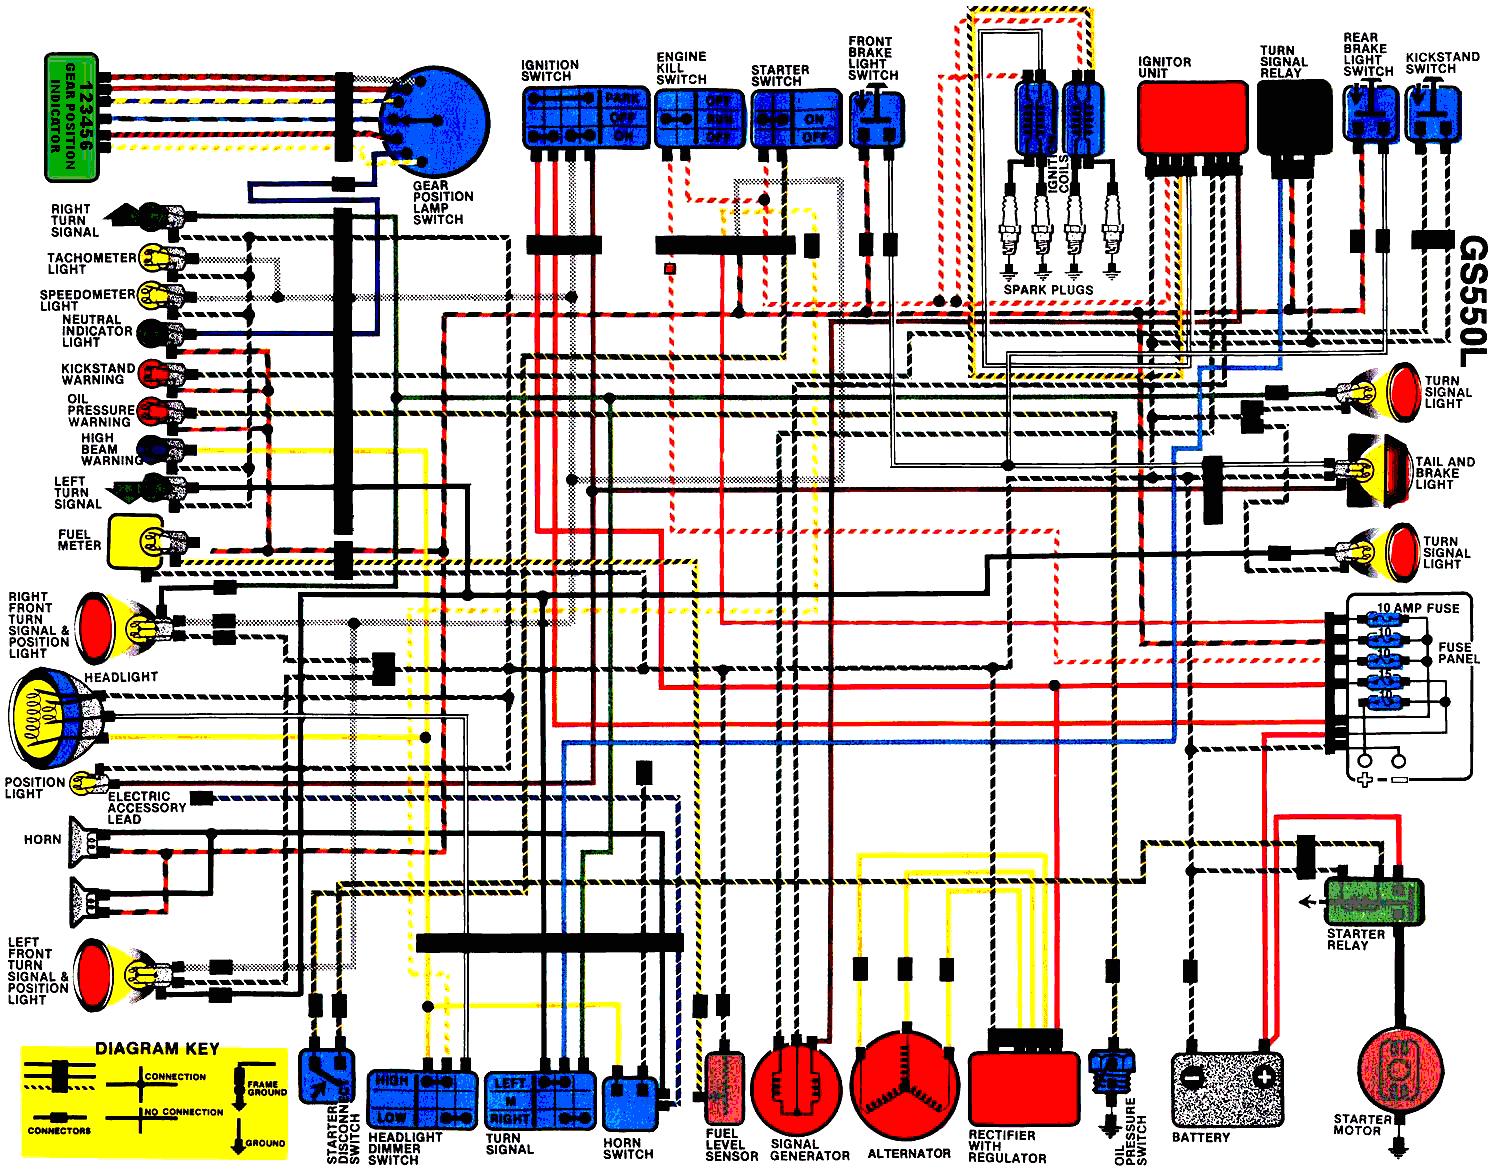 suzuki gs 400 wiring diagram wiring diagramsuzuki gs 450 wiring diagram wiring diagramsuzuki gs 450 wiring